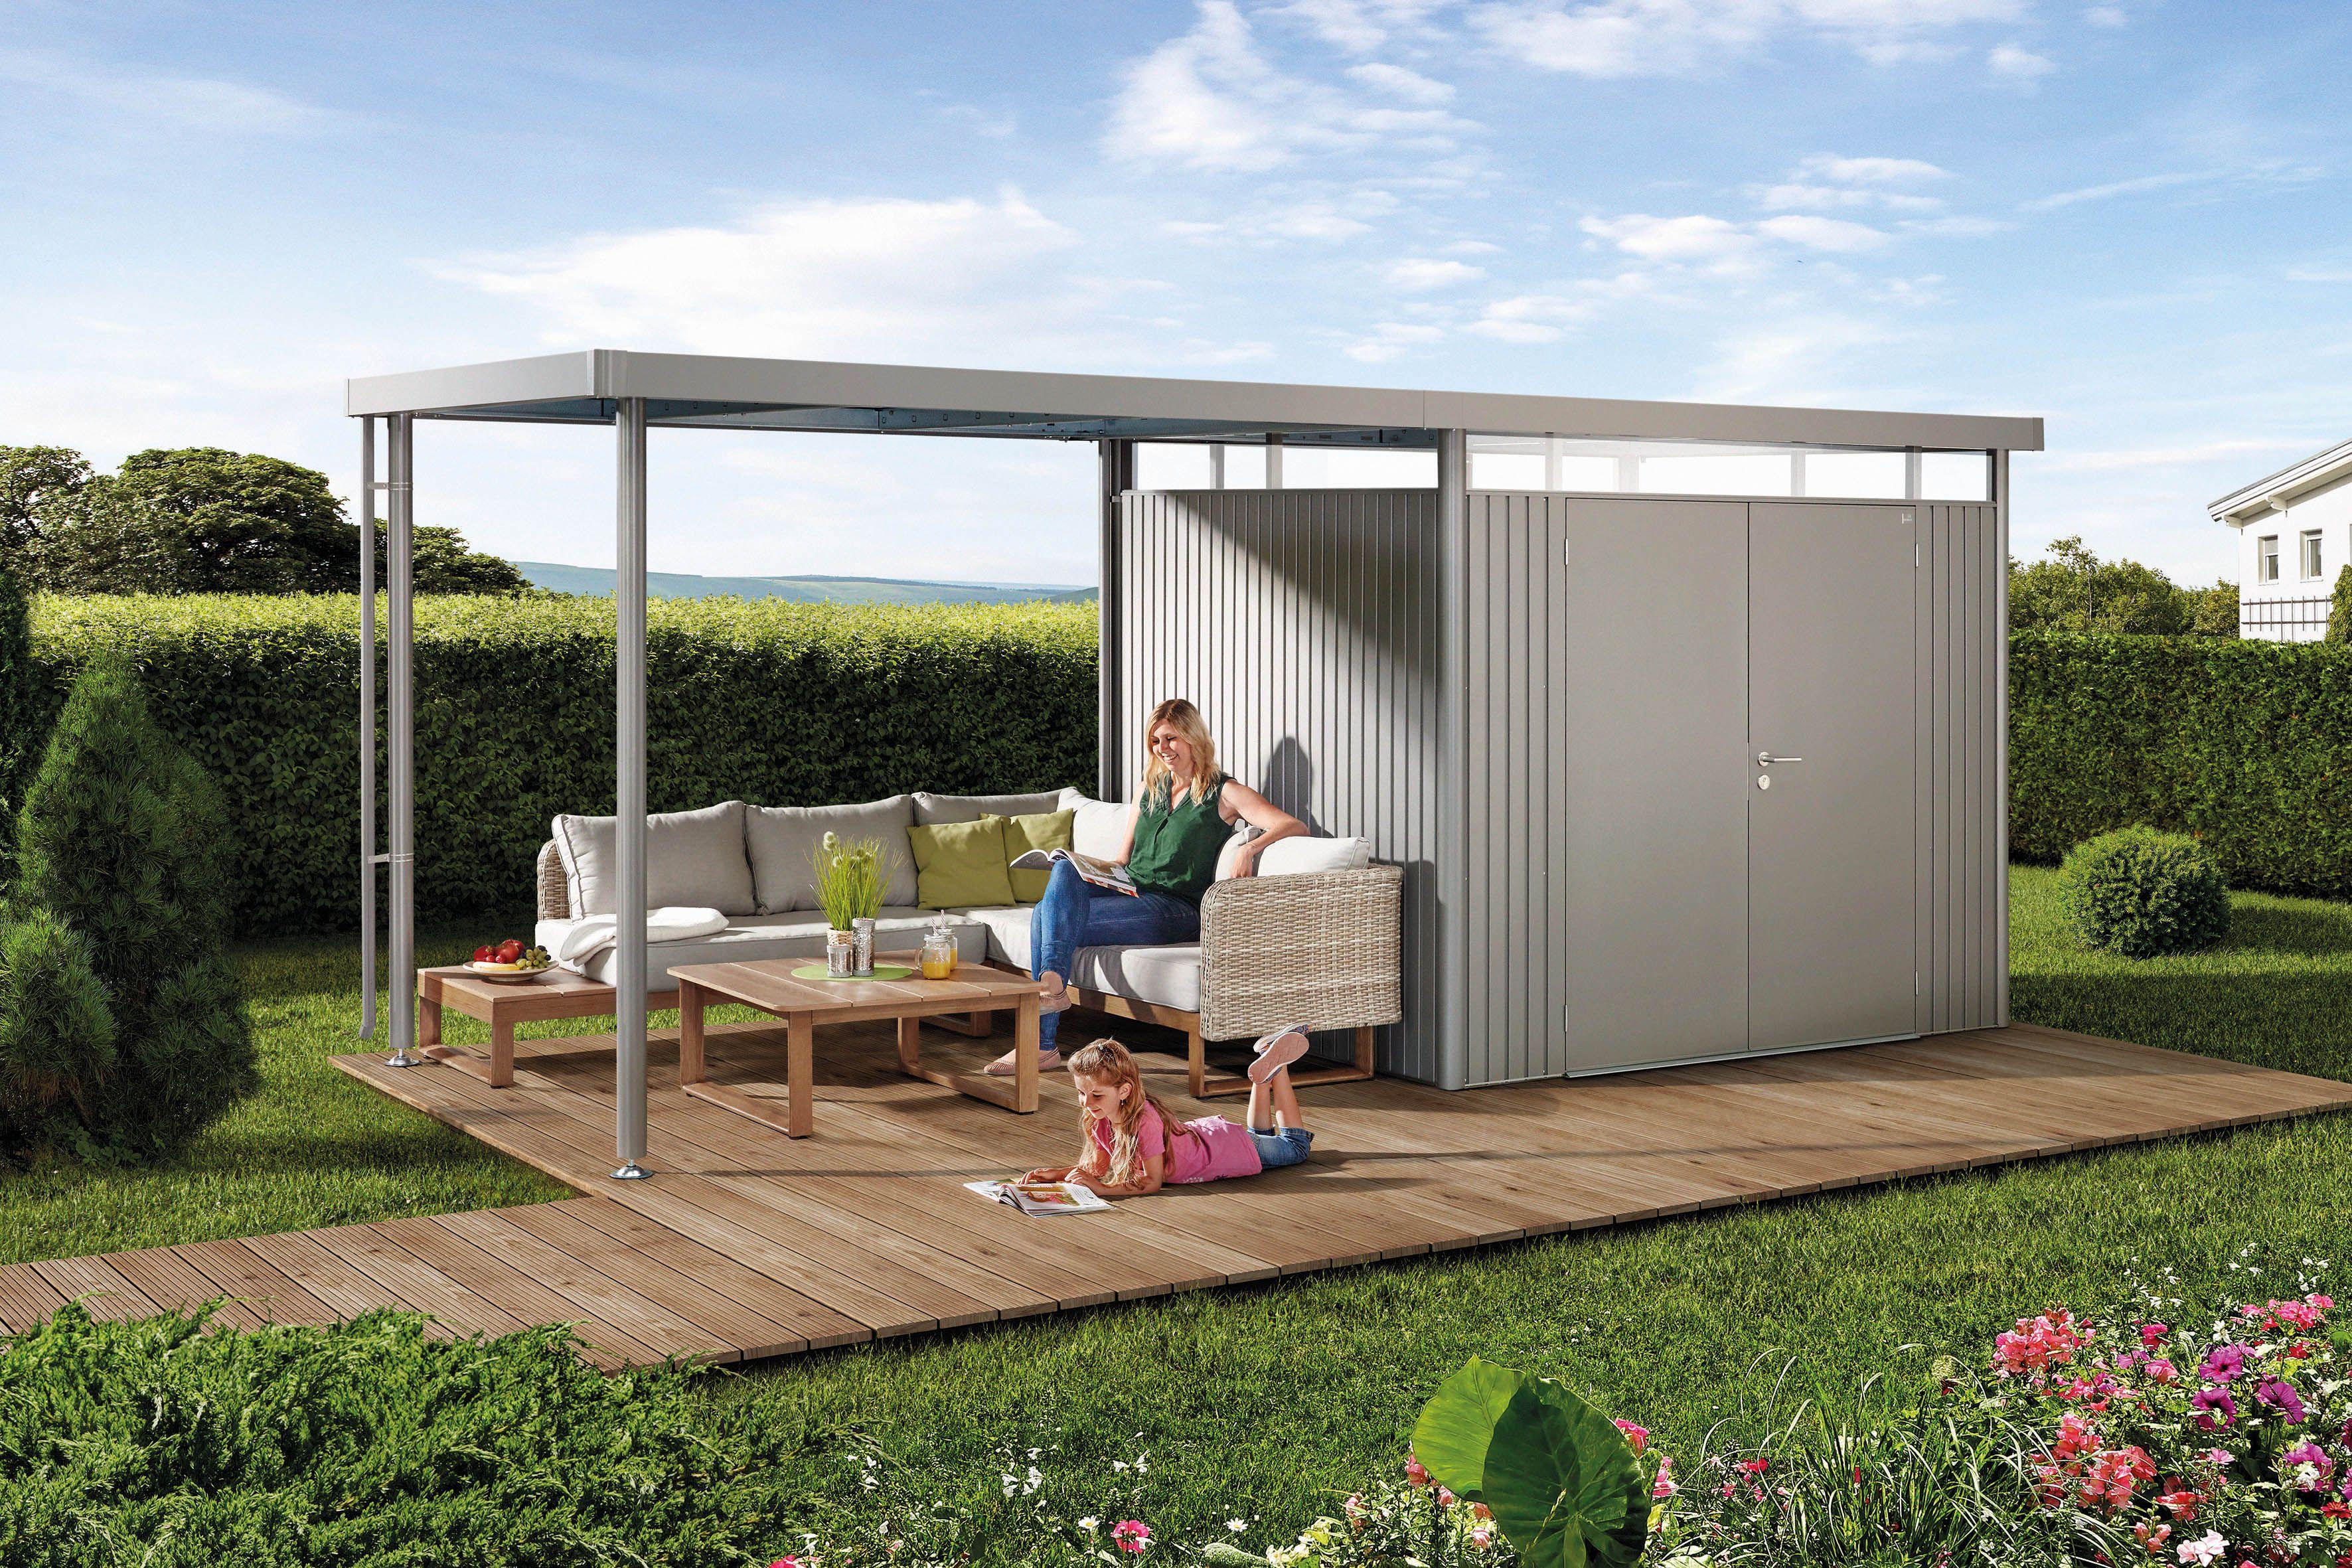 Gartenhutte Gerateschuppen Aus Metall Biohort Schuppen Ideen Haus